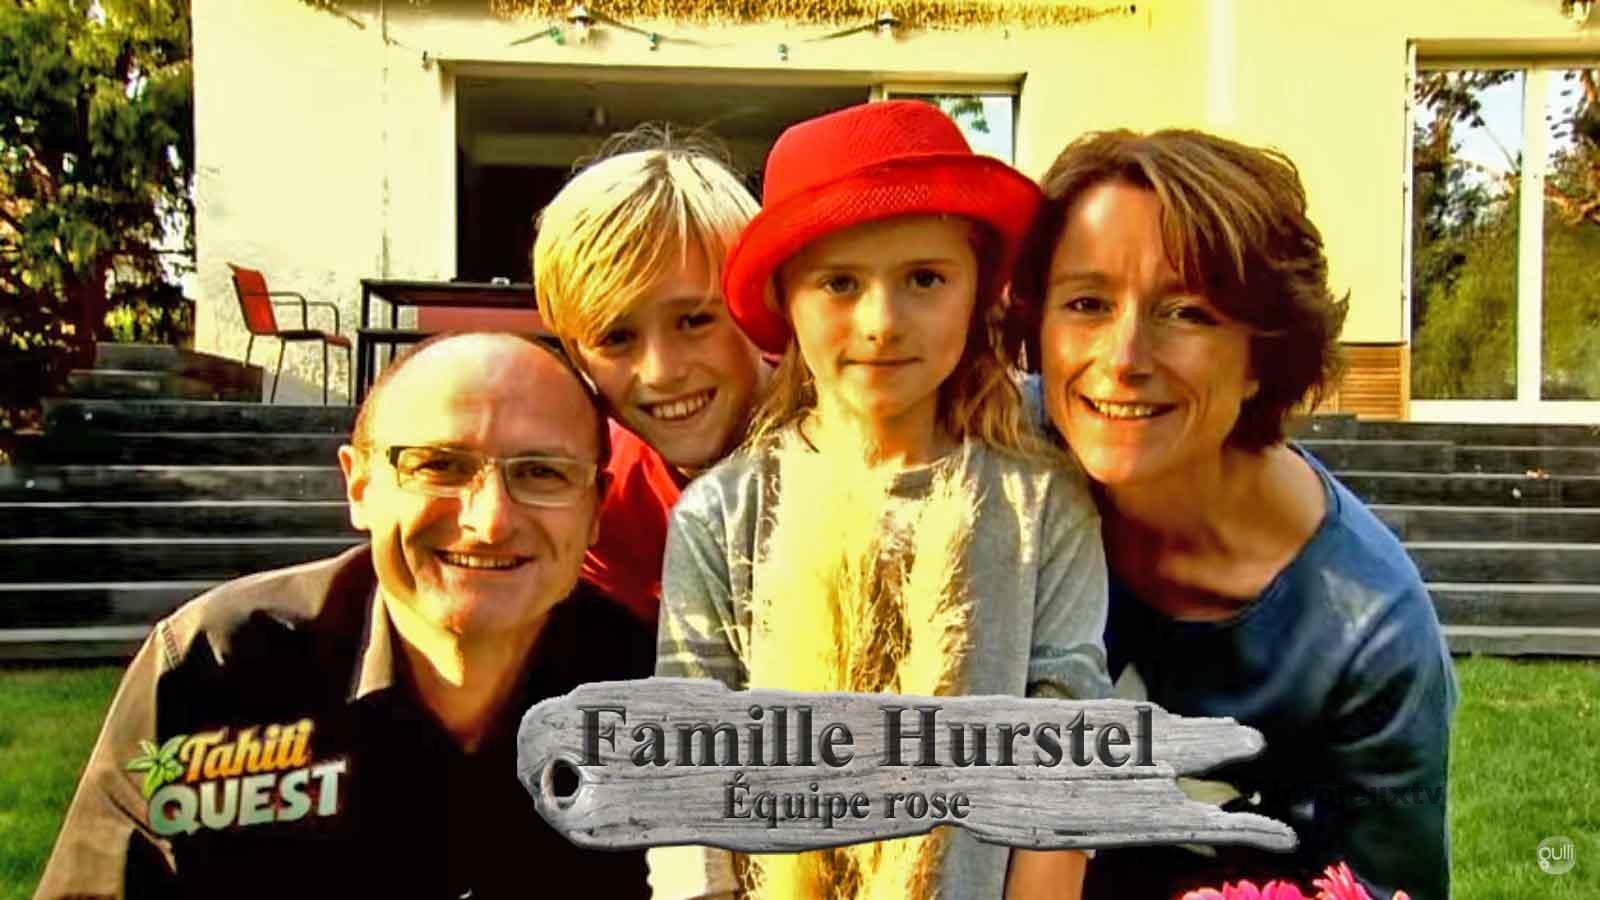 famille-hurstel-equipe-rose